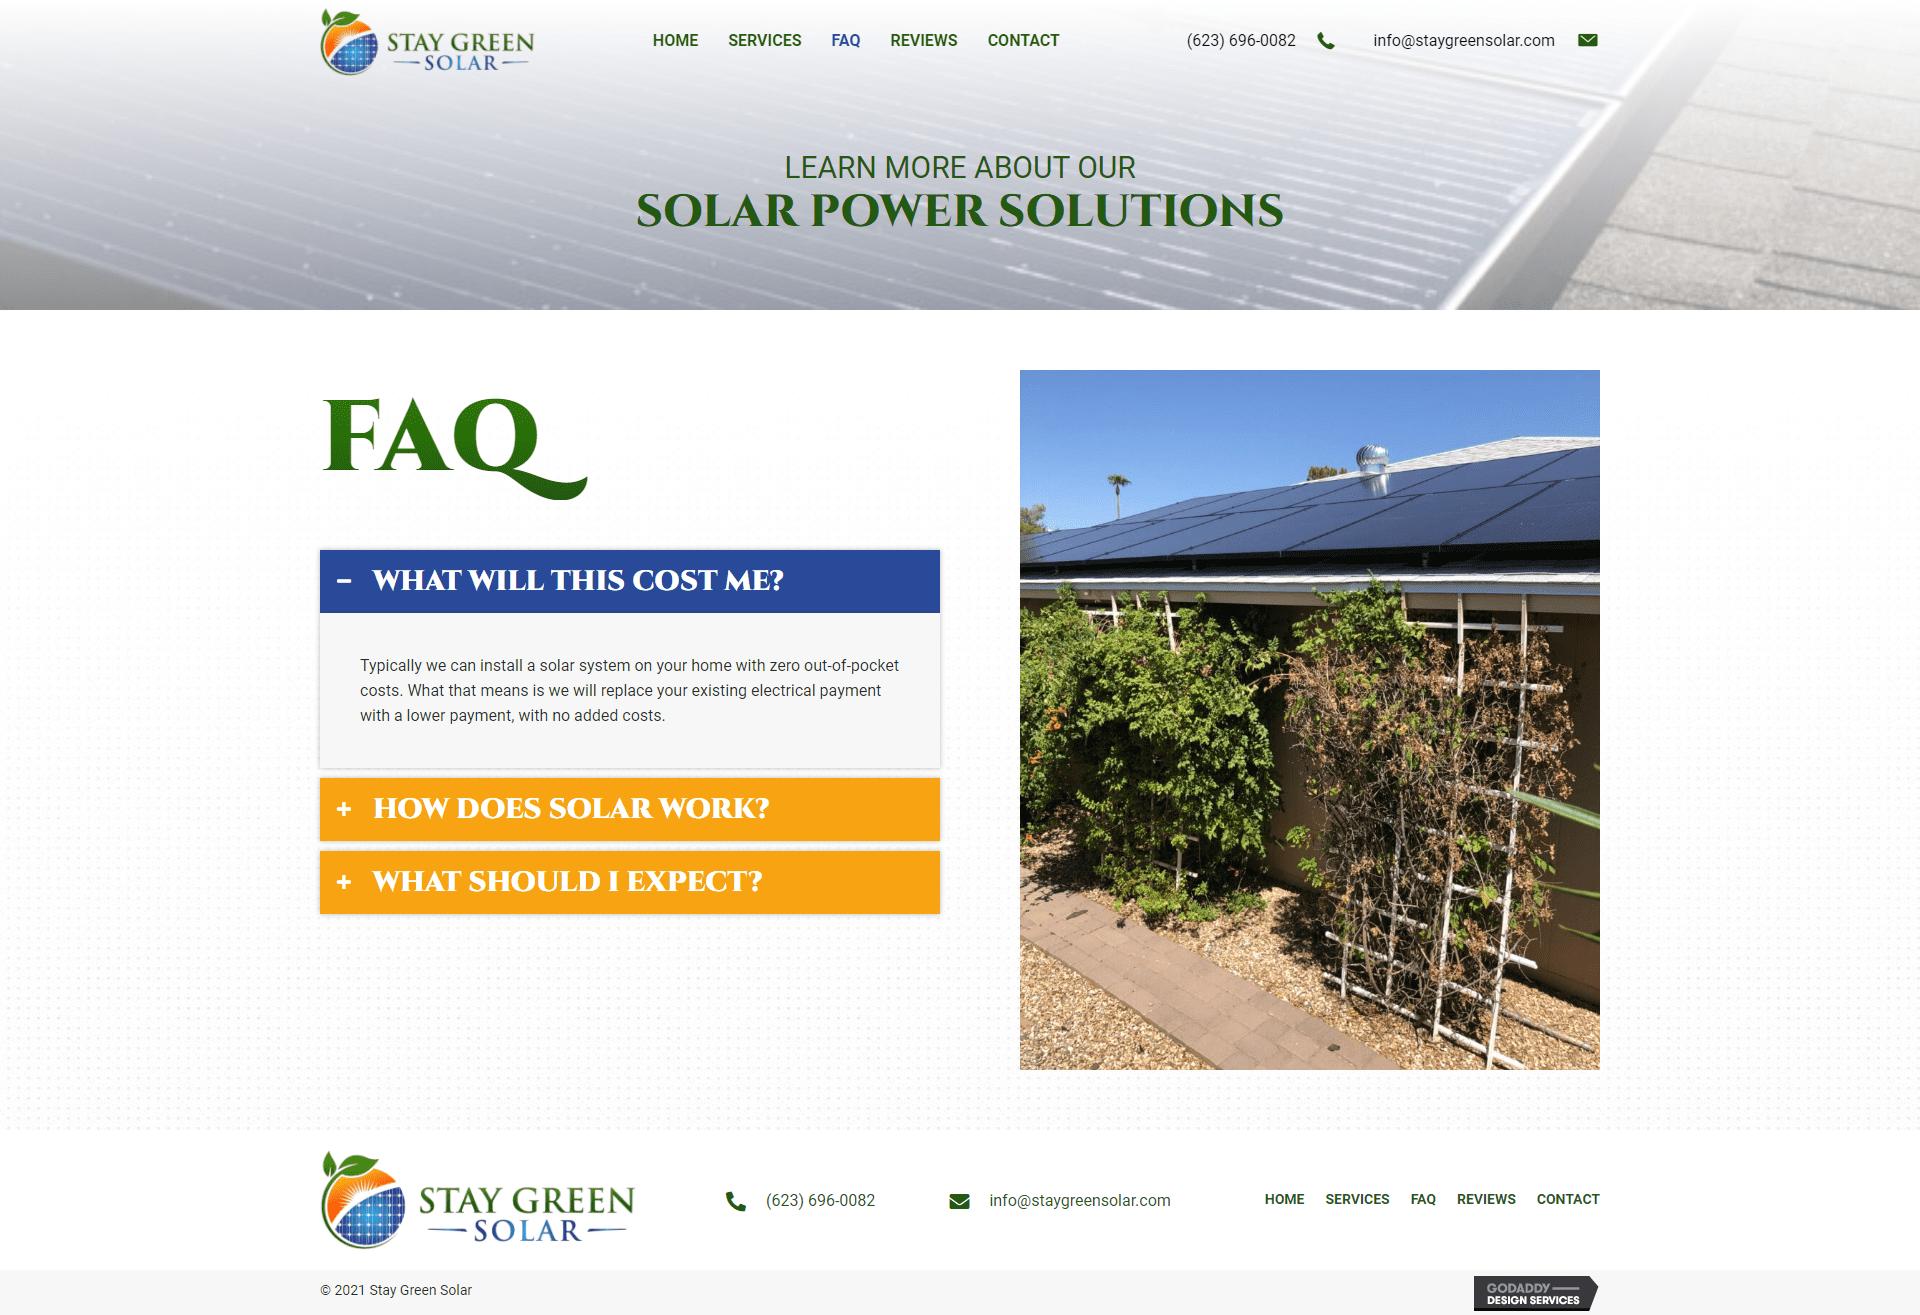 Stay Green Solar FAQ